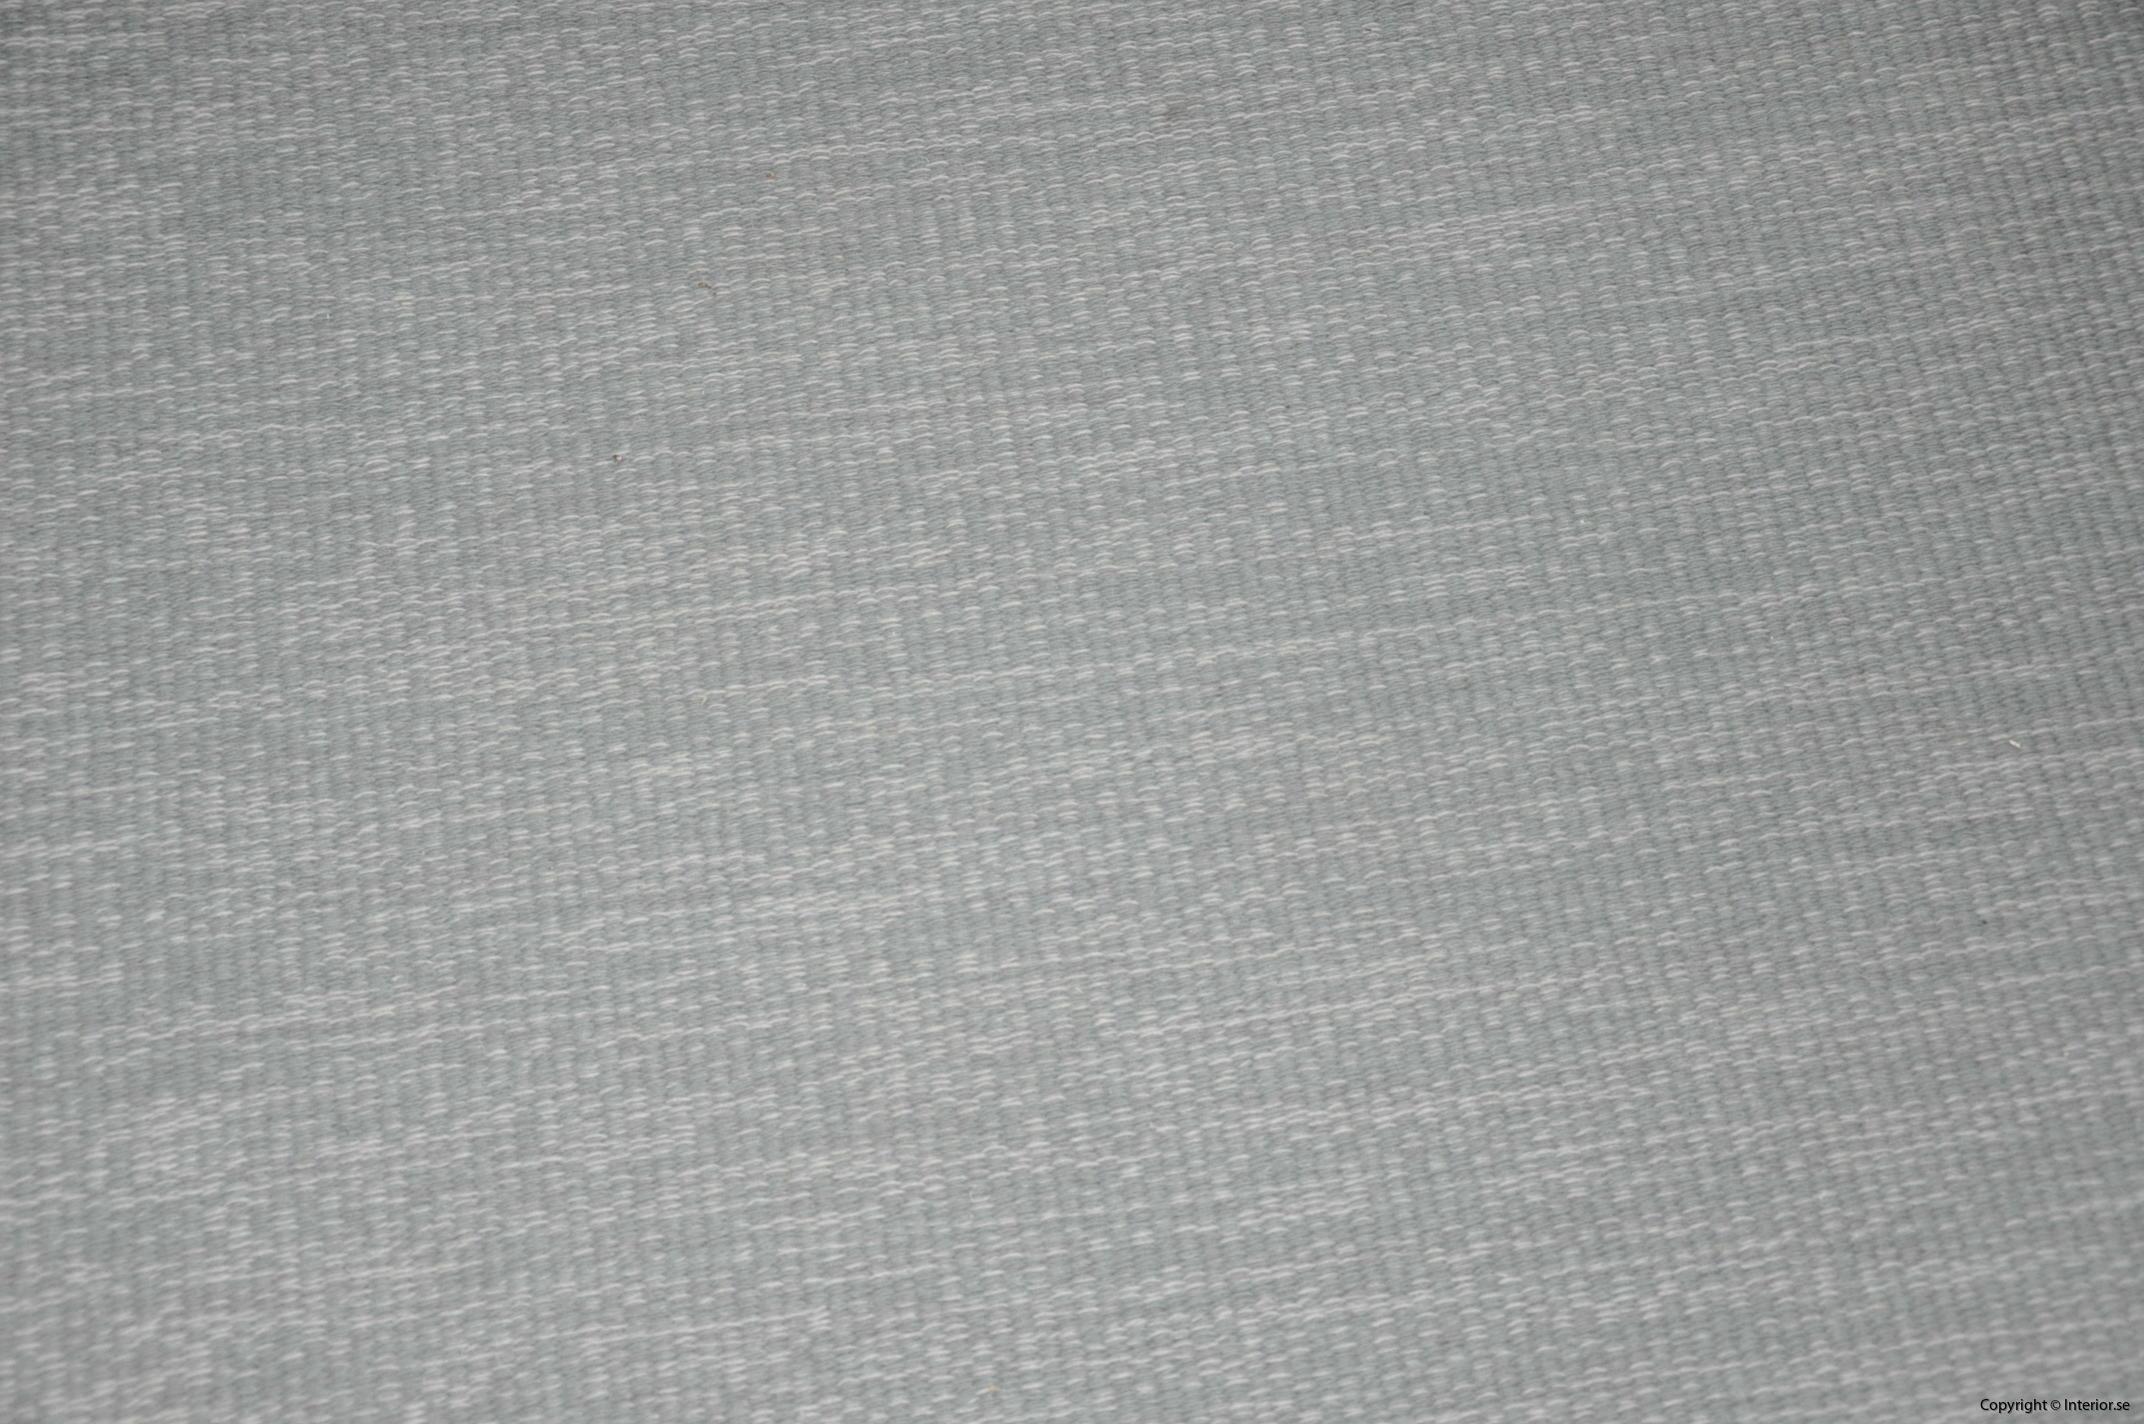 Matta, Kasthall Häggå Uni 988  300 x 410 cm (3)